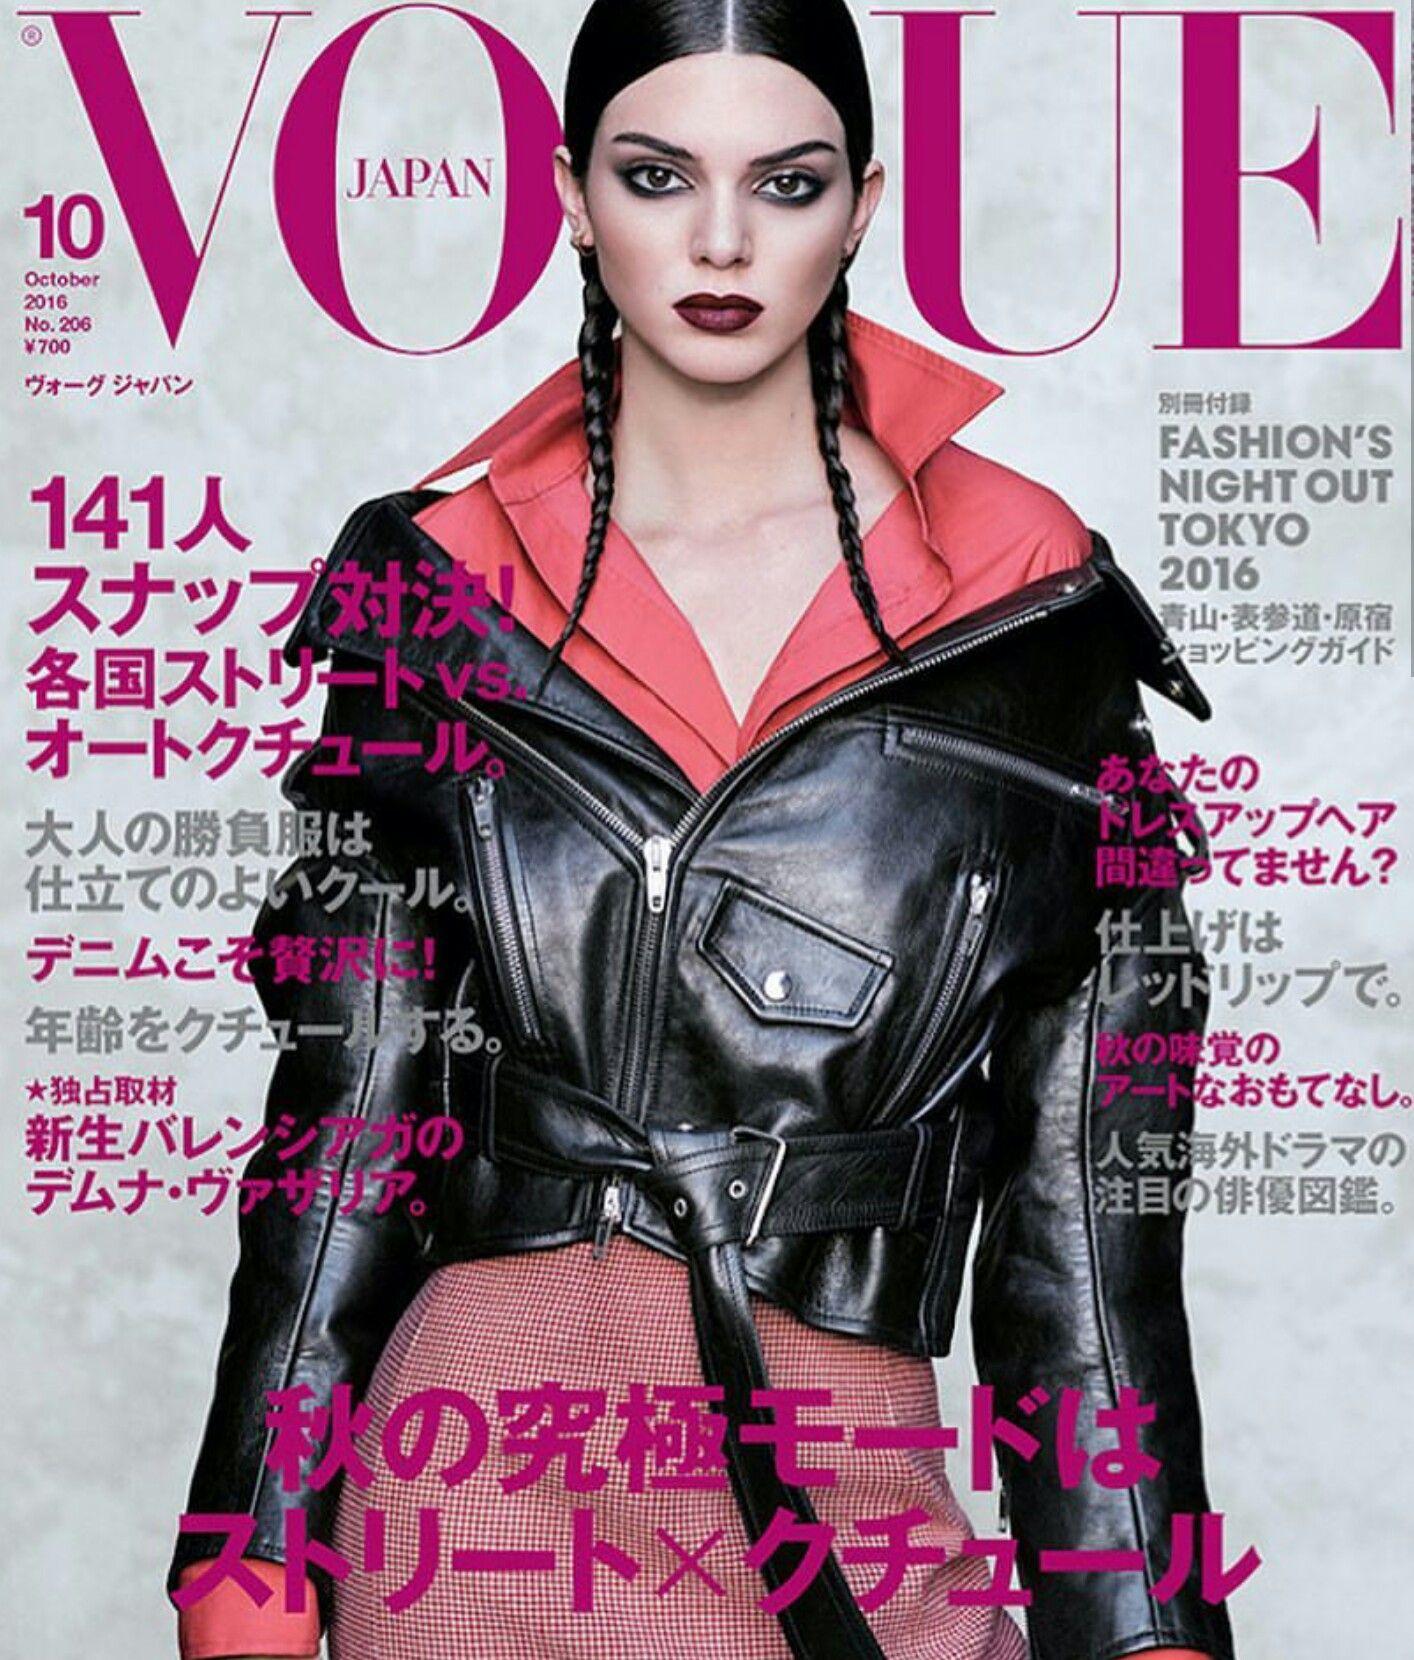 Encerrando com a Kendall, maravilhosa! Capa da Vogue Japão de outubro!⭐ #kendalljenner #fashion #inspiration #voguejapan